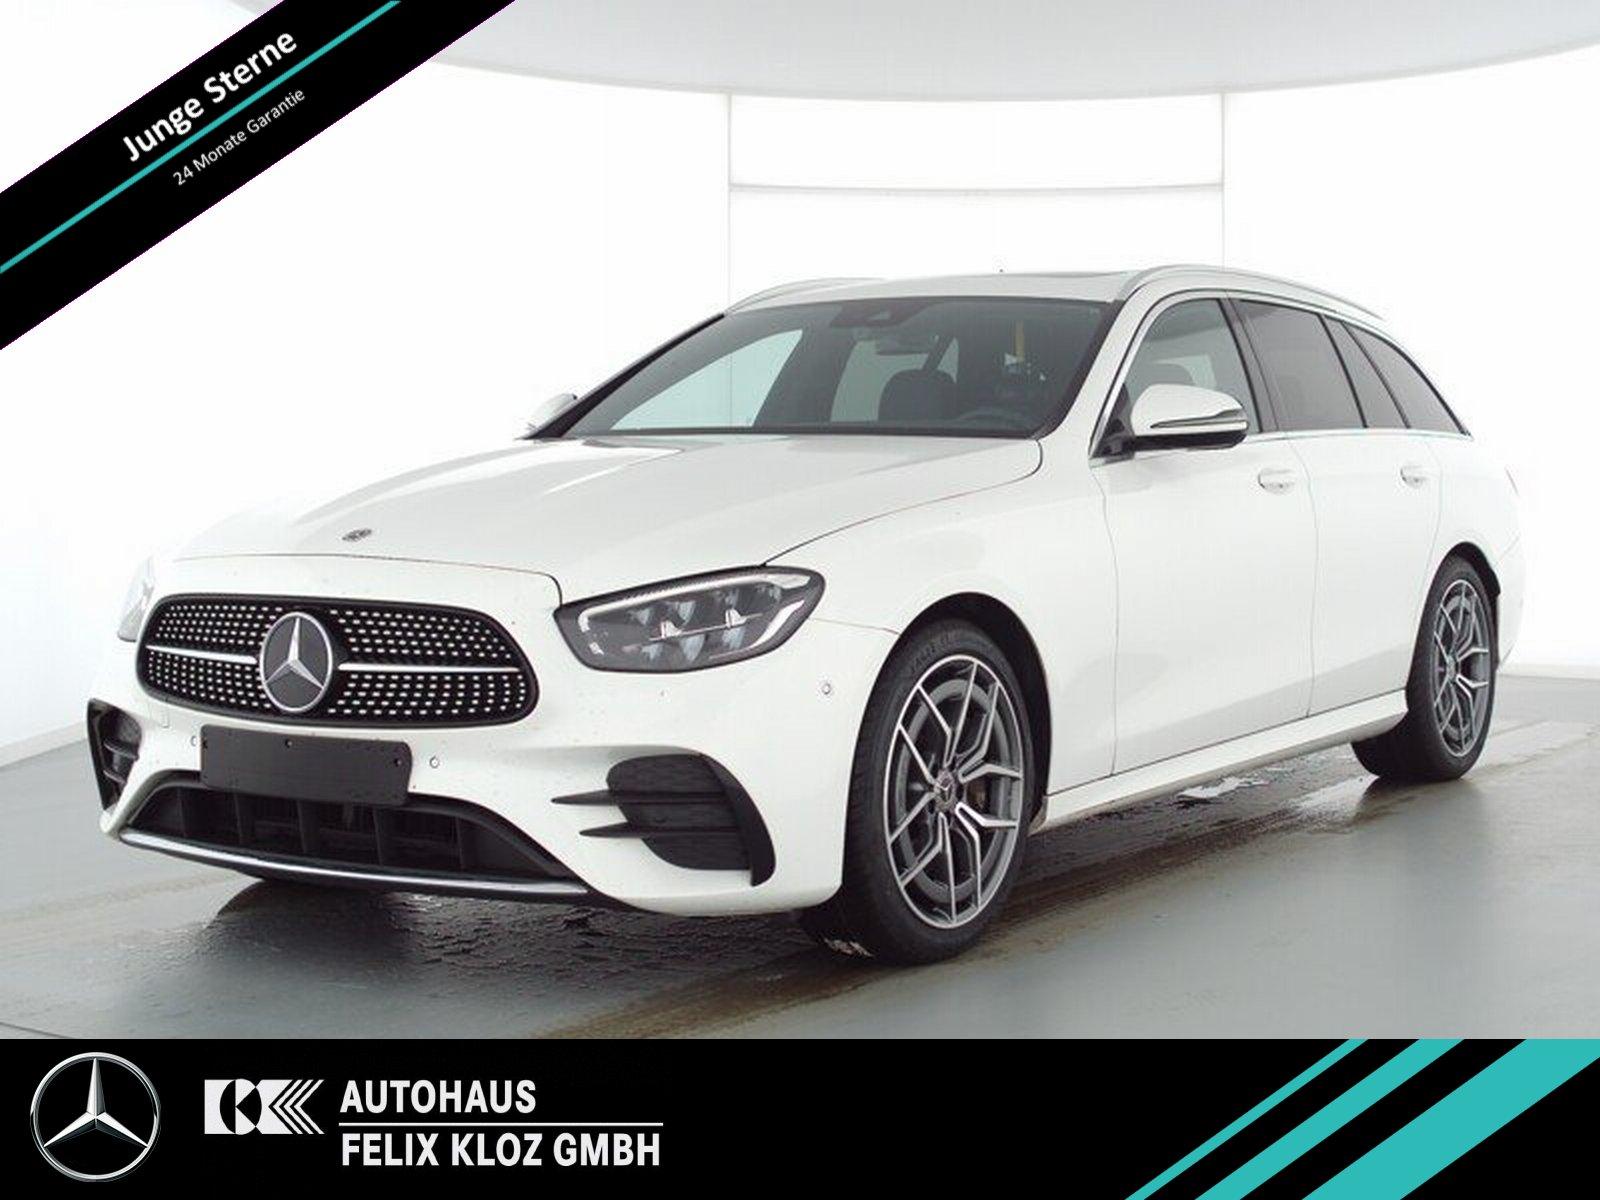 Mercedes-Benz E 300 T AMG Line*MBUX High-End*Kamera*Schiebed.*, Jahr 2020, Benzin